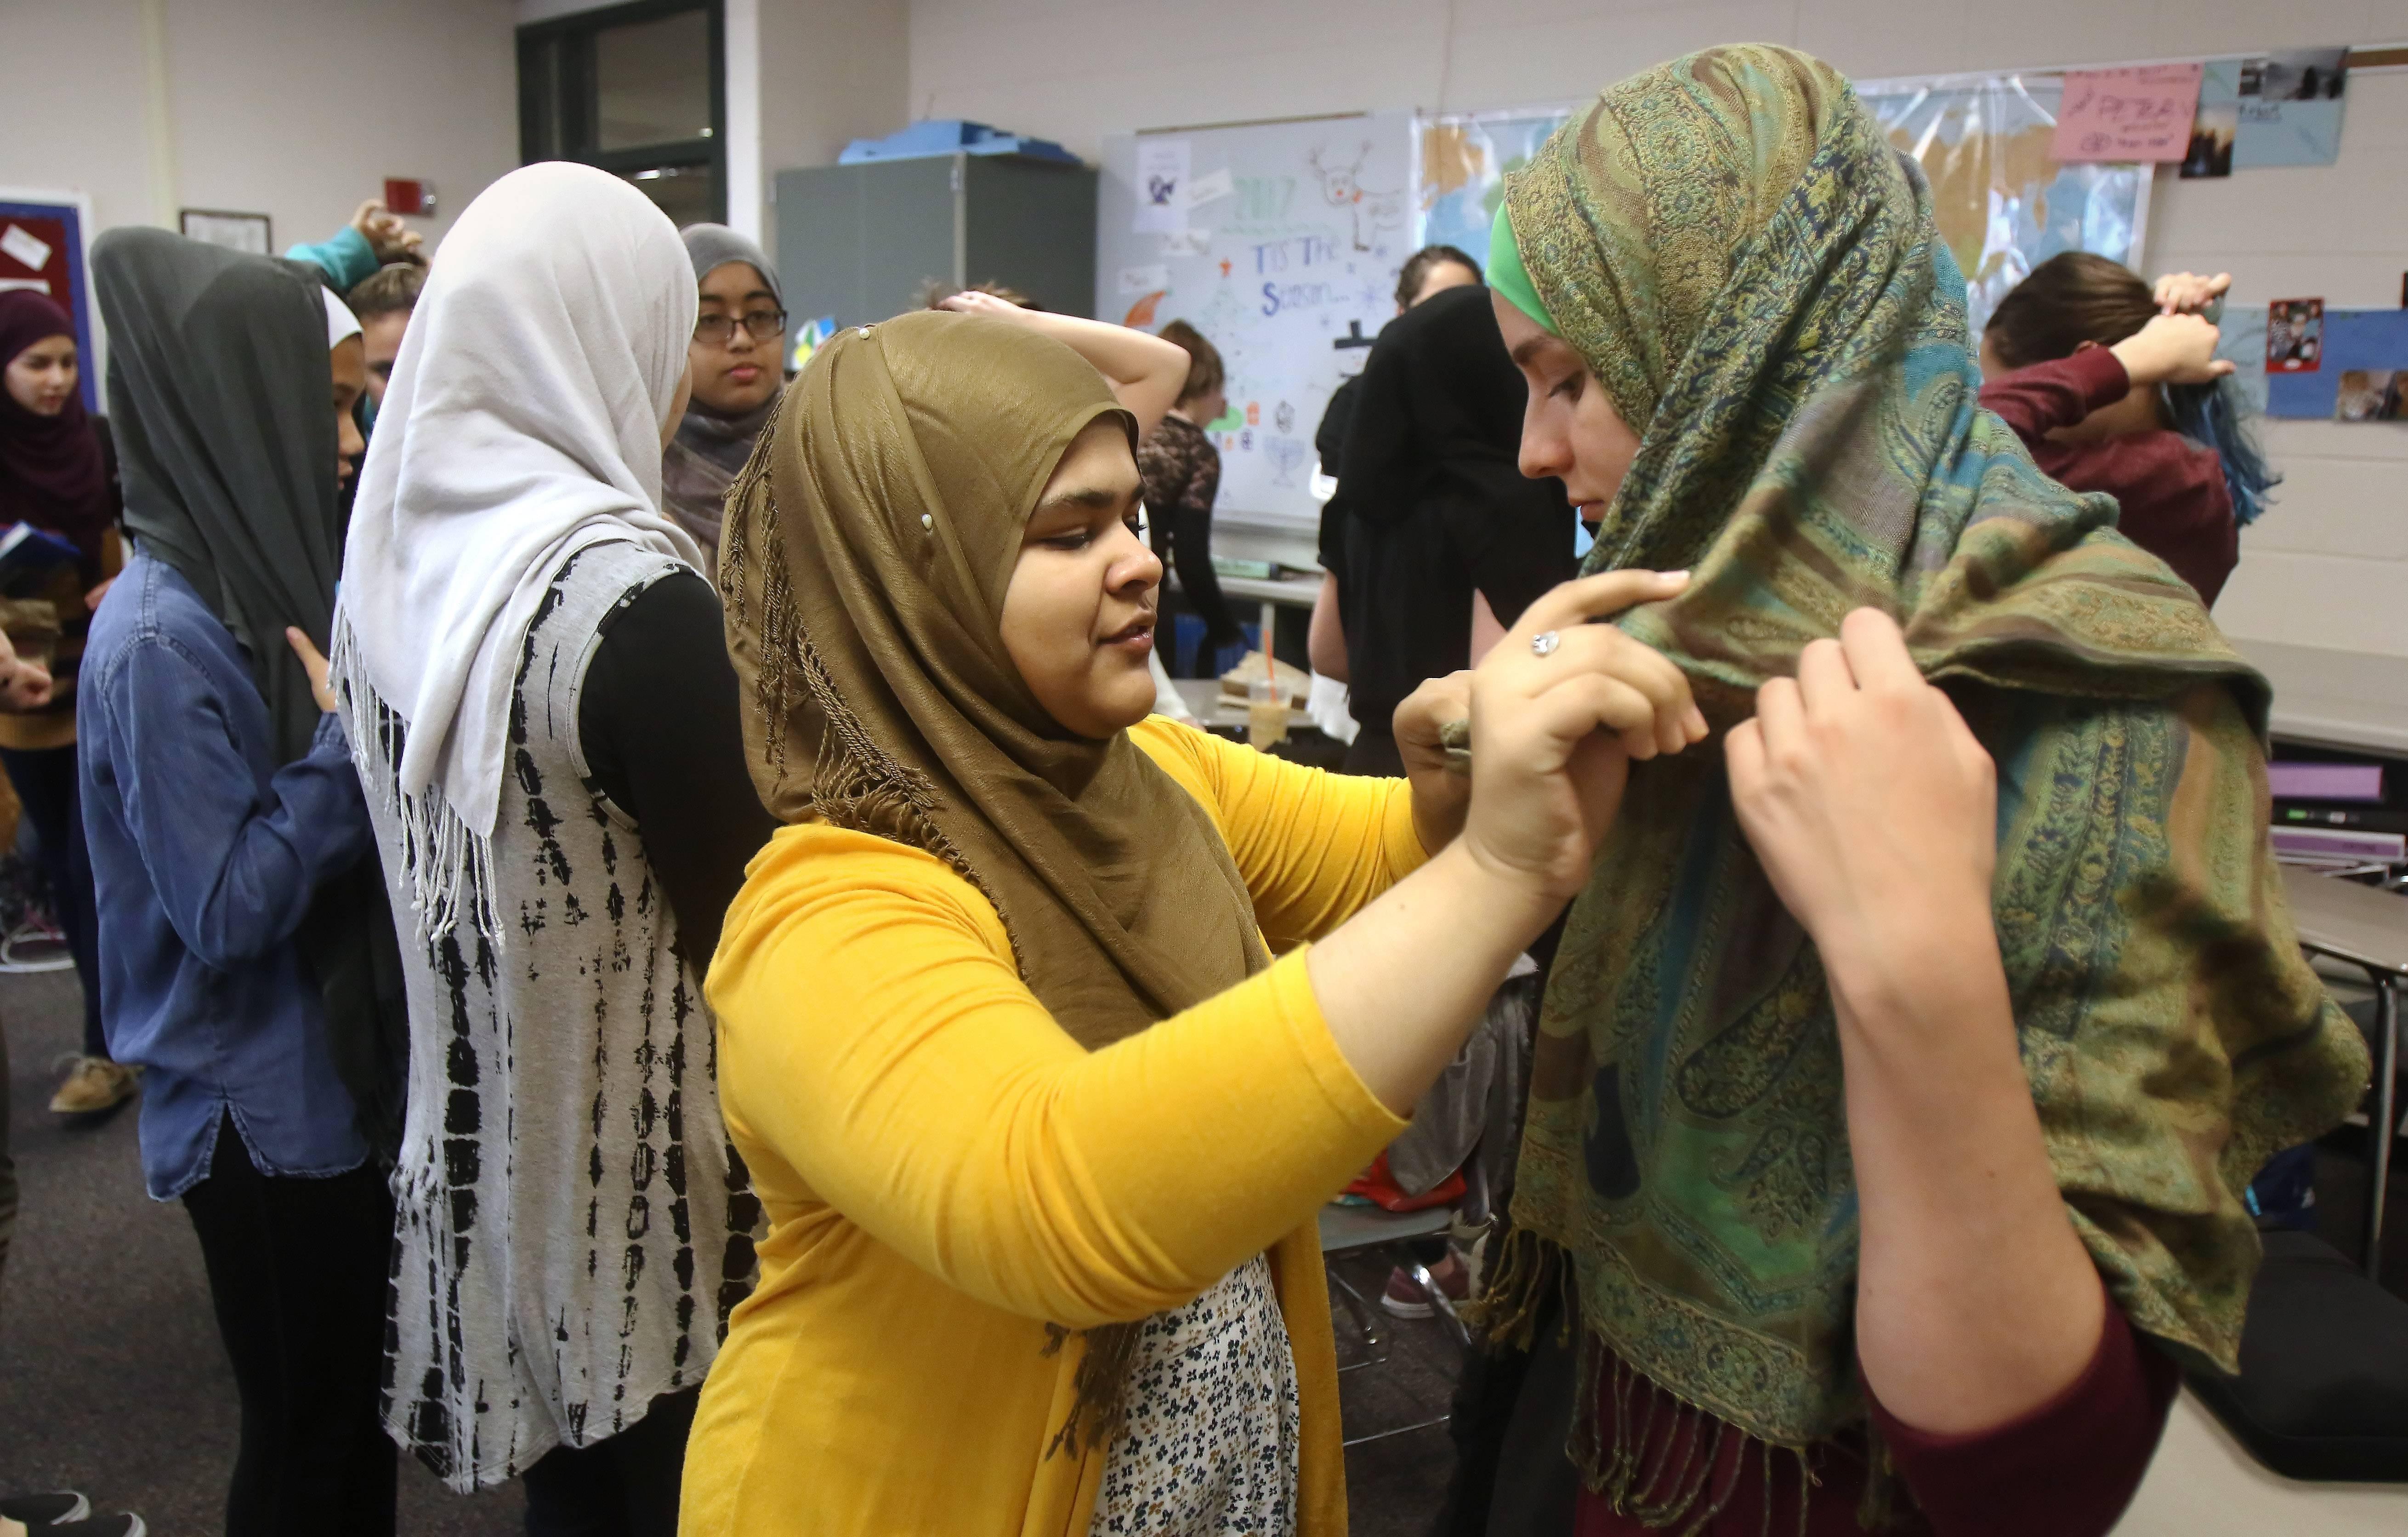 Американские ученицы средней школы присоединяются к мусульманским сверстницам в ношении хиджаба